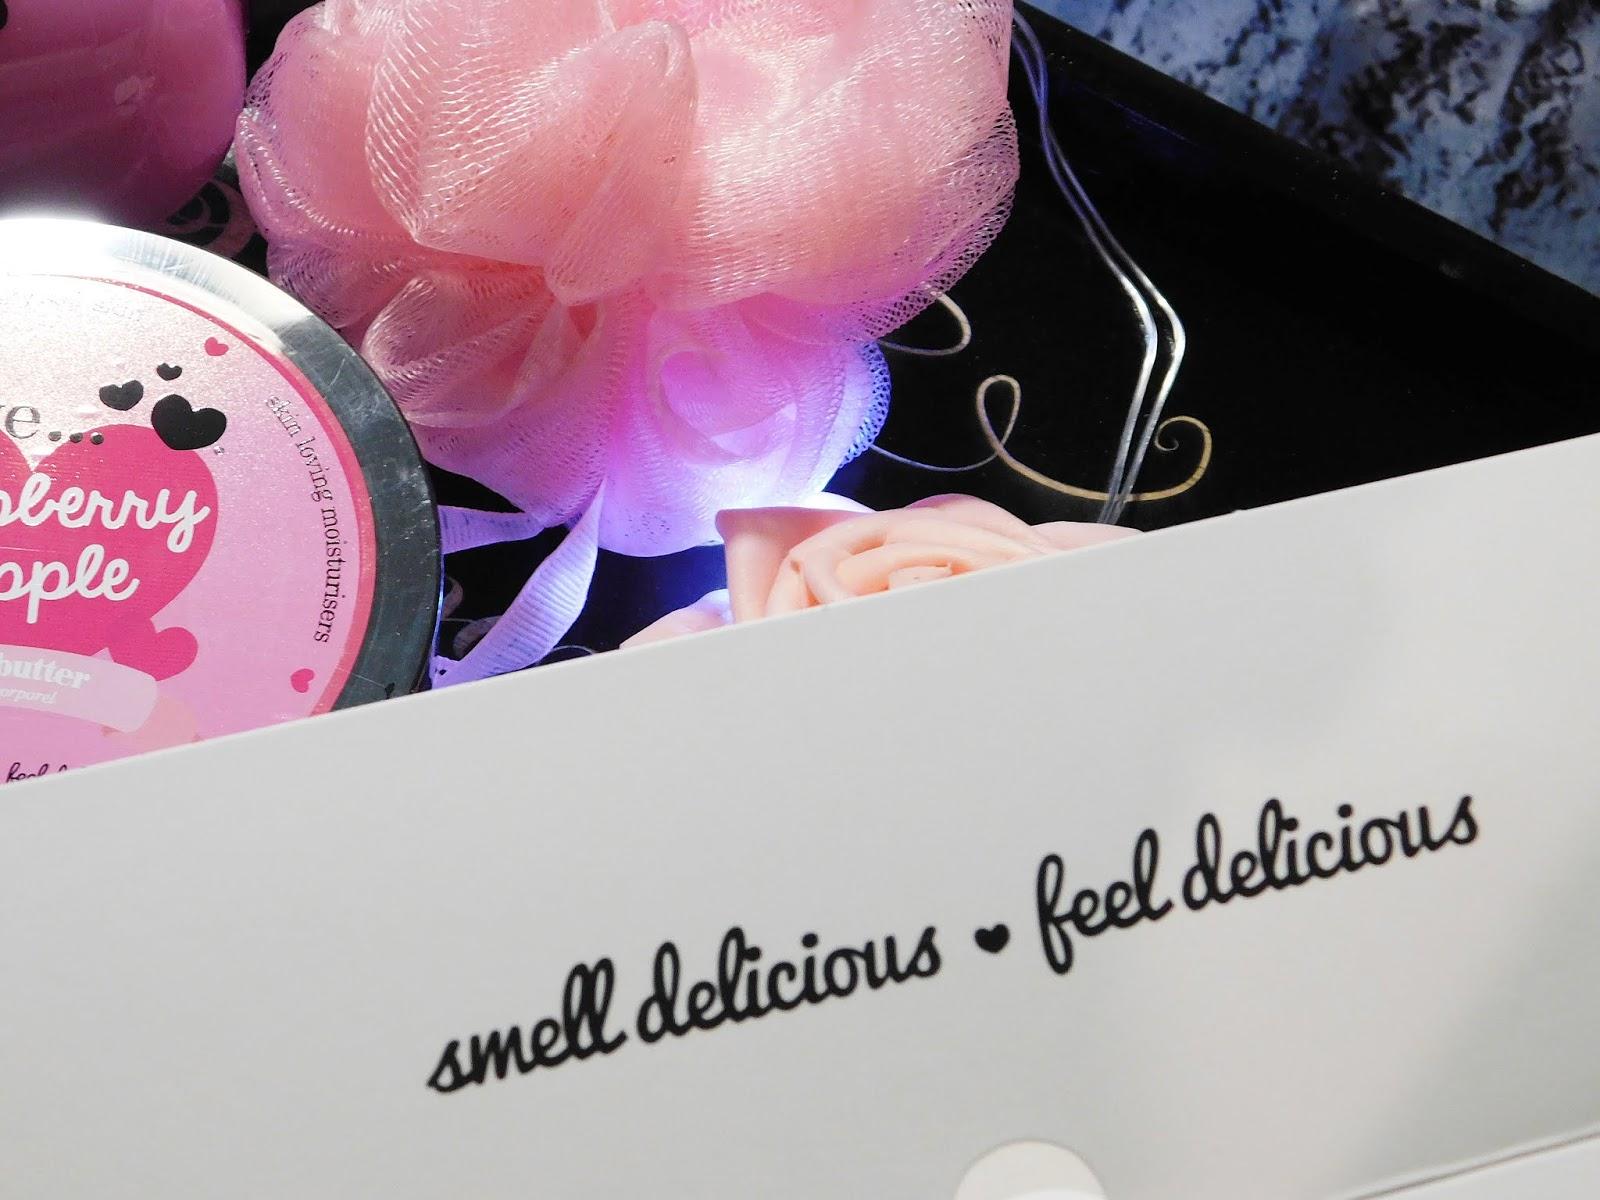 Poczuj się smakowicie dzięki malinowym kosmetykom od I Love Cosmetics